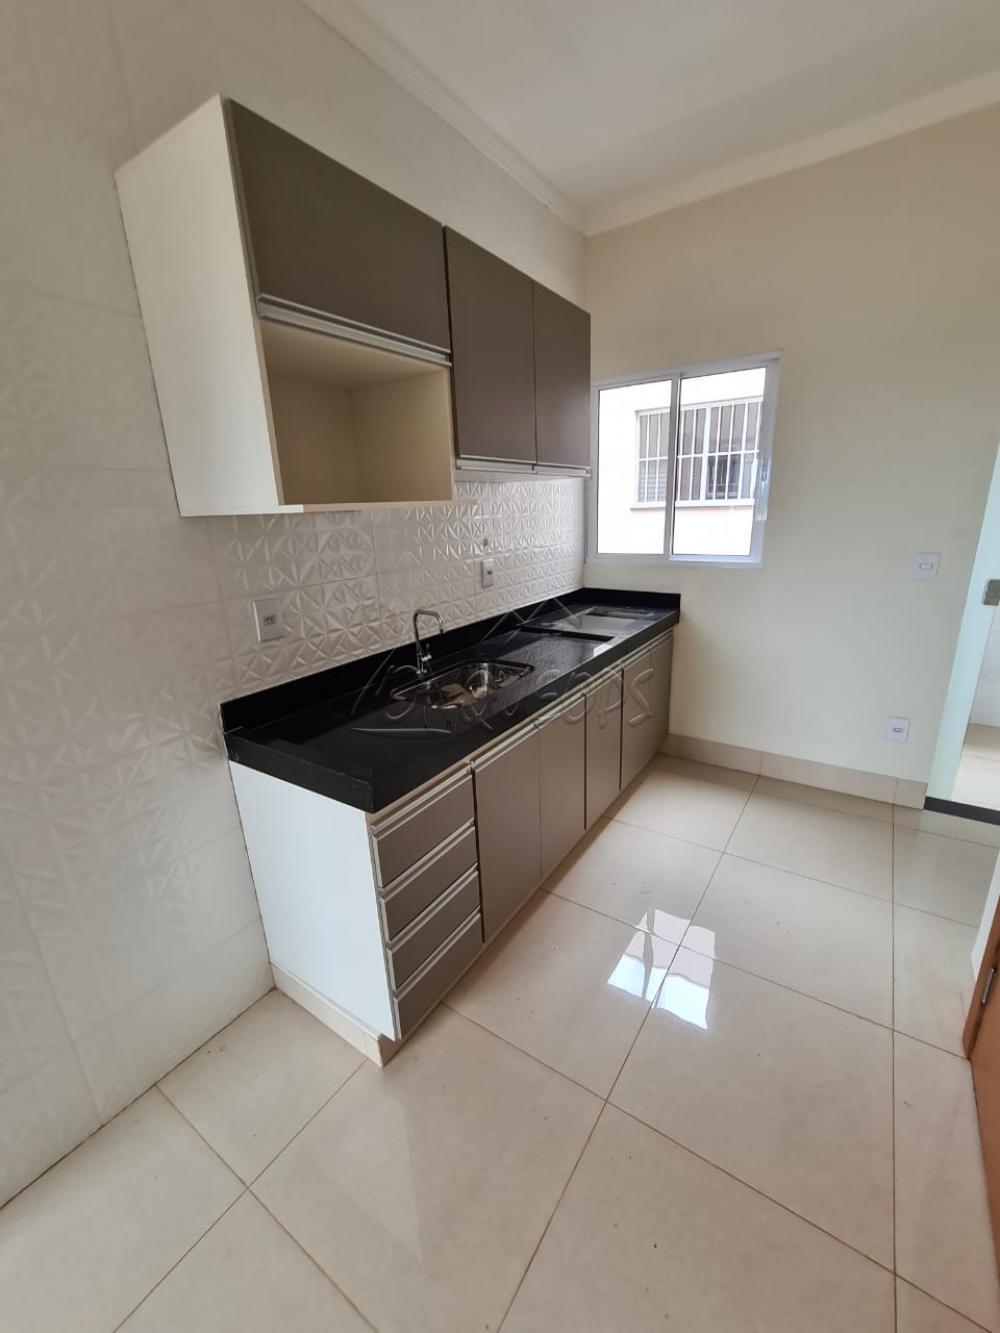 Comprar Apartamento / Padrão em Barretos apenas R$ 210.000,00 - Foto 5